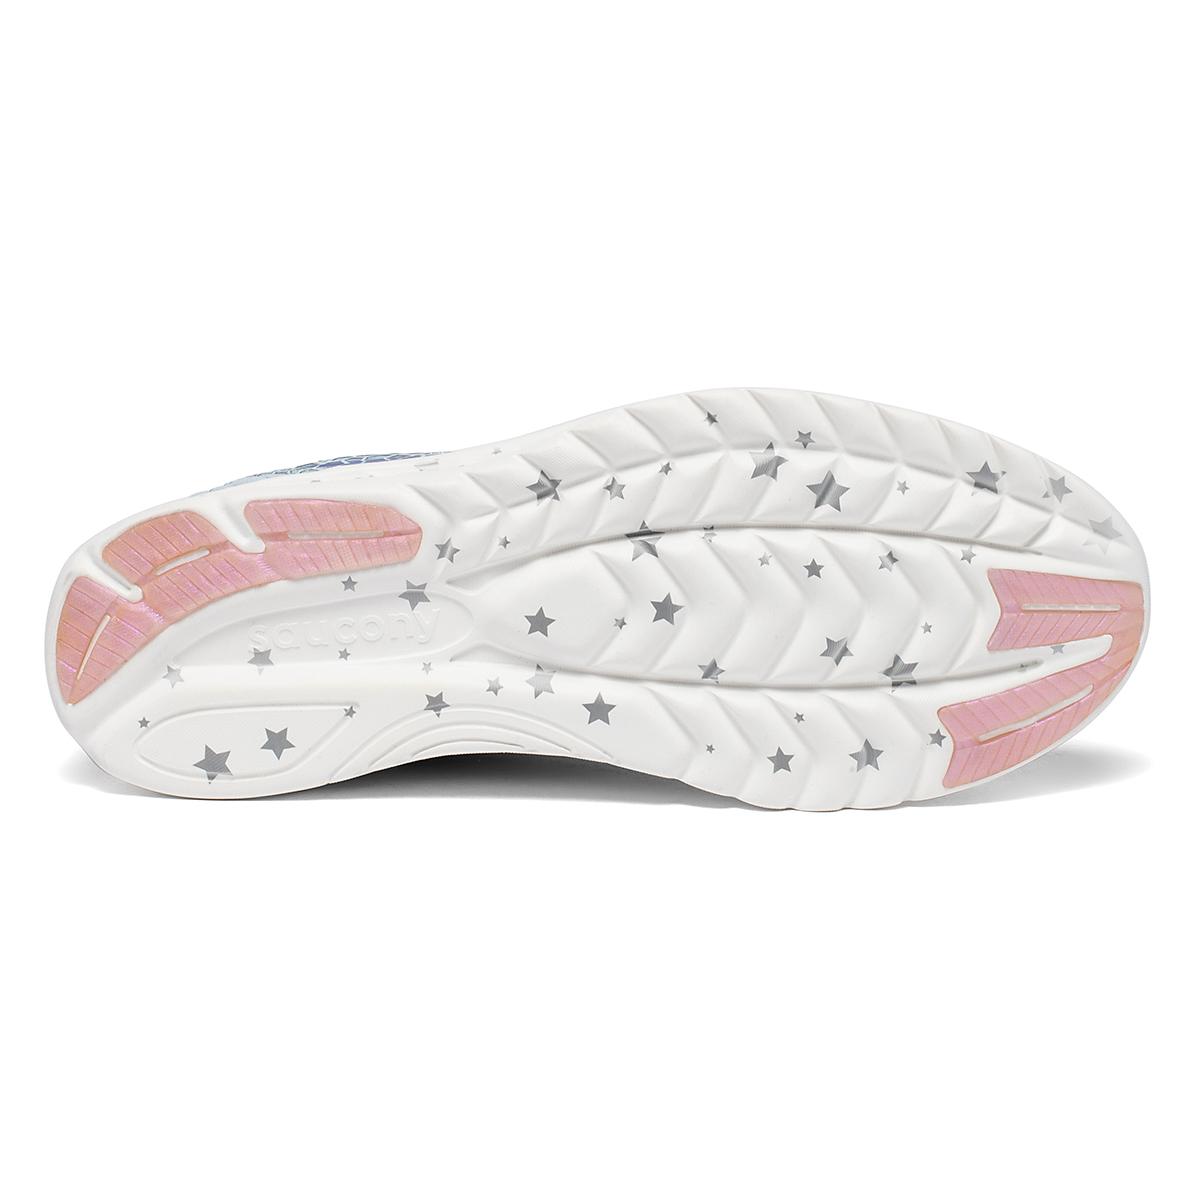 Saucony Shoes with Soul Kinvara 11 Running Shoe - Color: Jordynn - Size: M3.5/W5 - Width: Regular, Jordynn, large, image 3